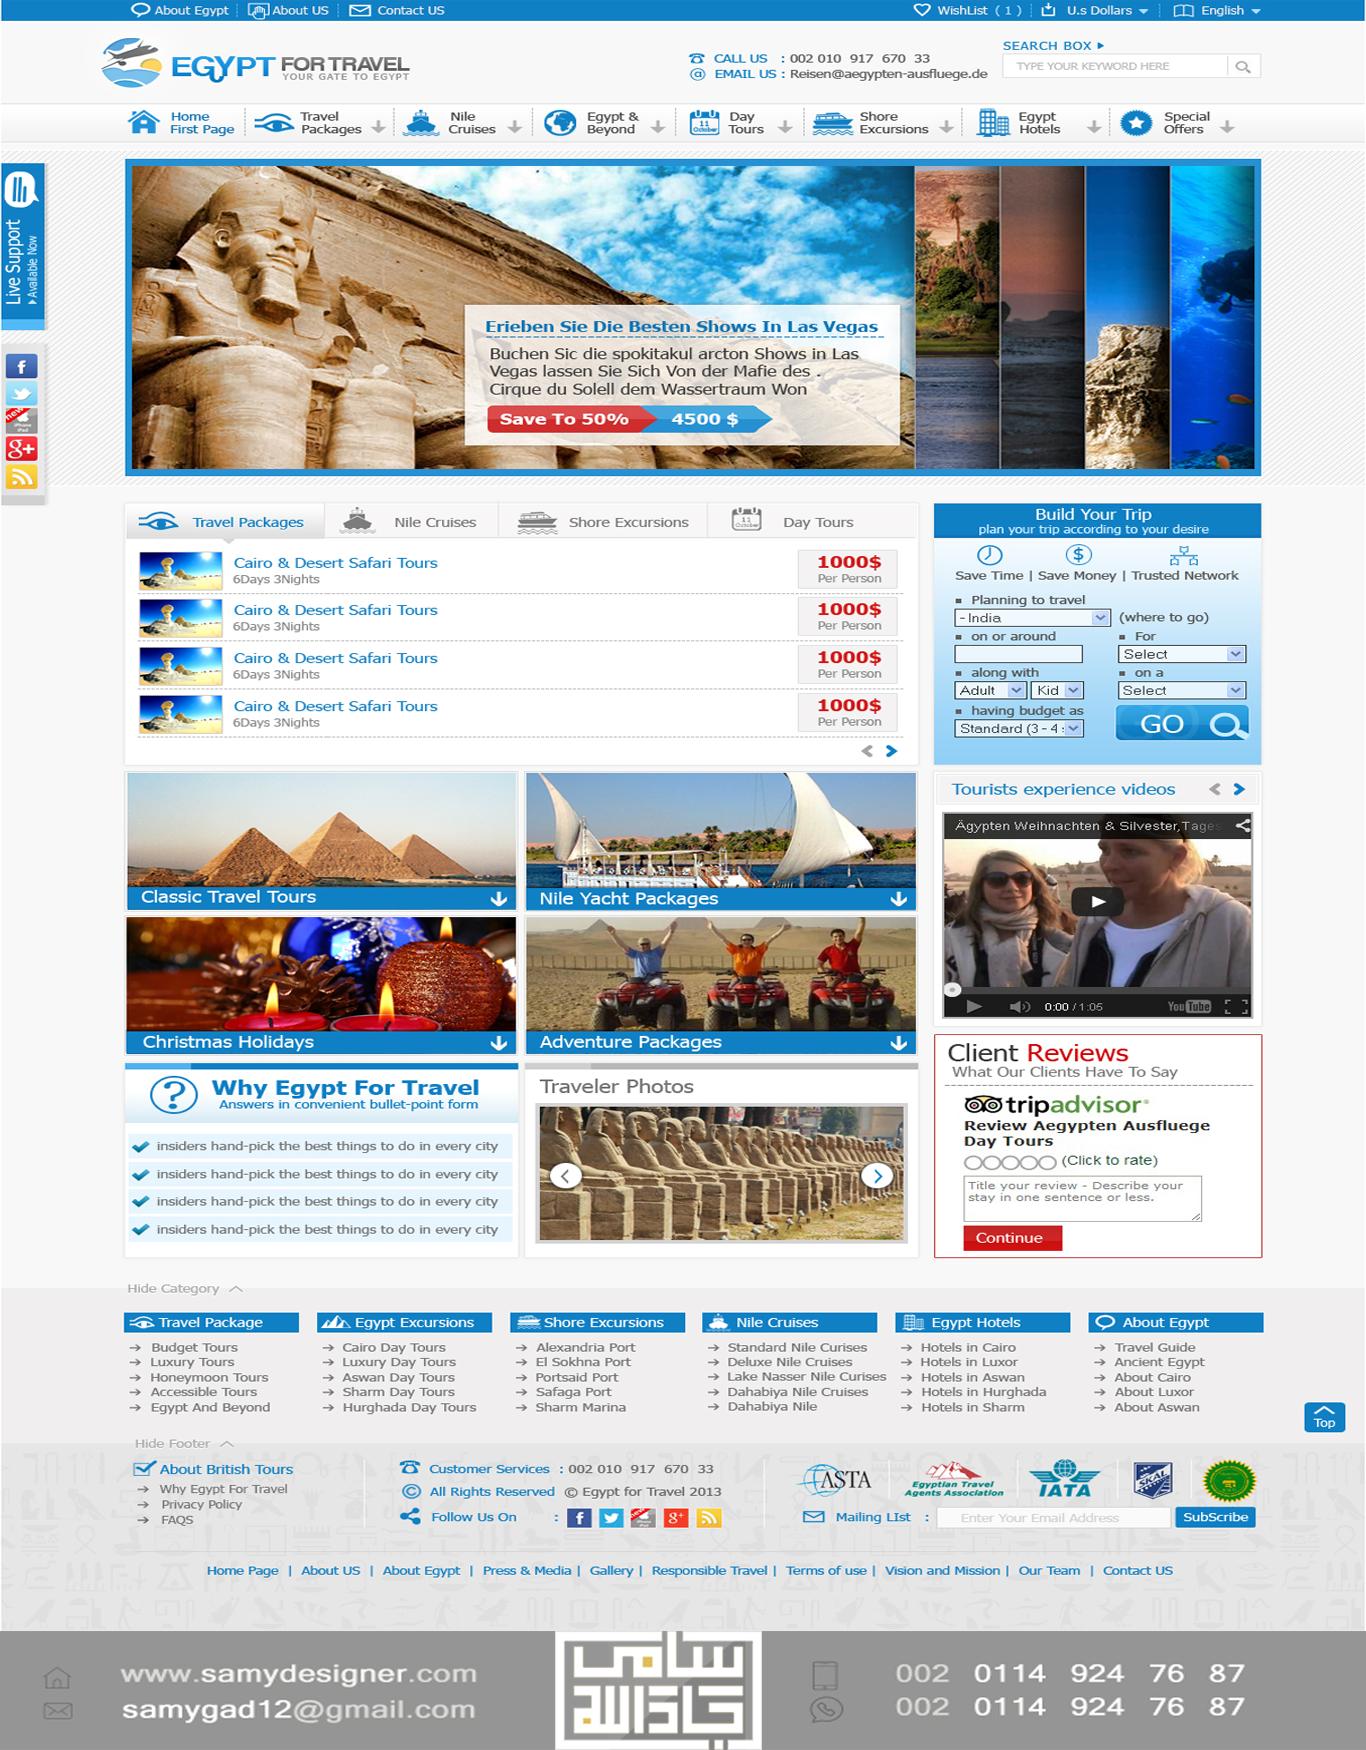 من سابقة أعمالنا فى تصميم وتطوير المواقع الإلكترونية